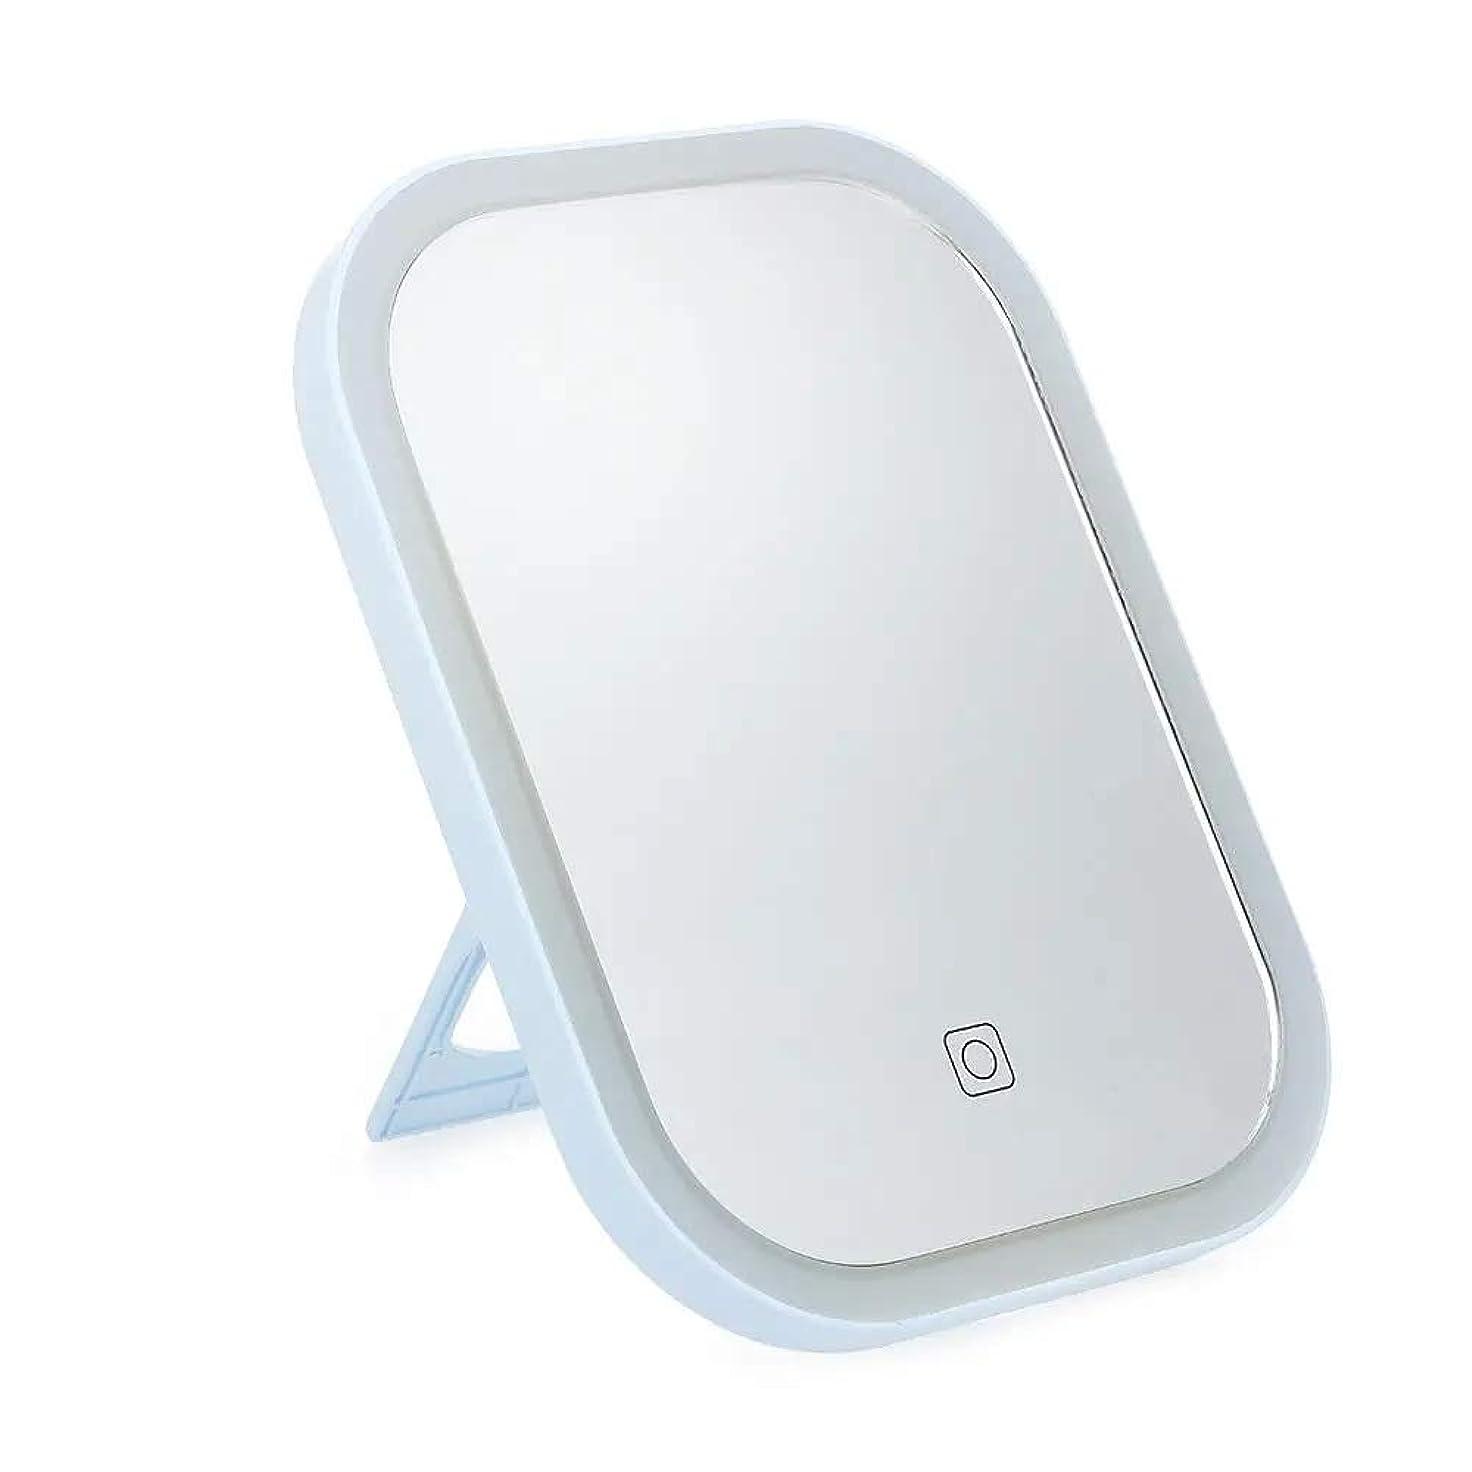 元の画面時々時々化粧鏡 ポータブルバニティミラー調光LEDスマートLEDタッチスクリーンのメイクアップミラー卓上 充電式多機能LED化粧ミラー (Color : White, Size : One size)